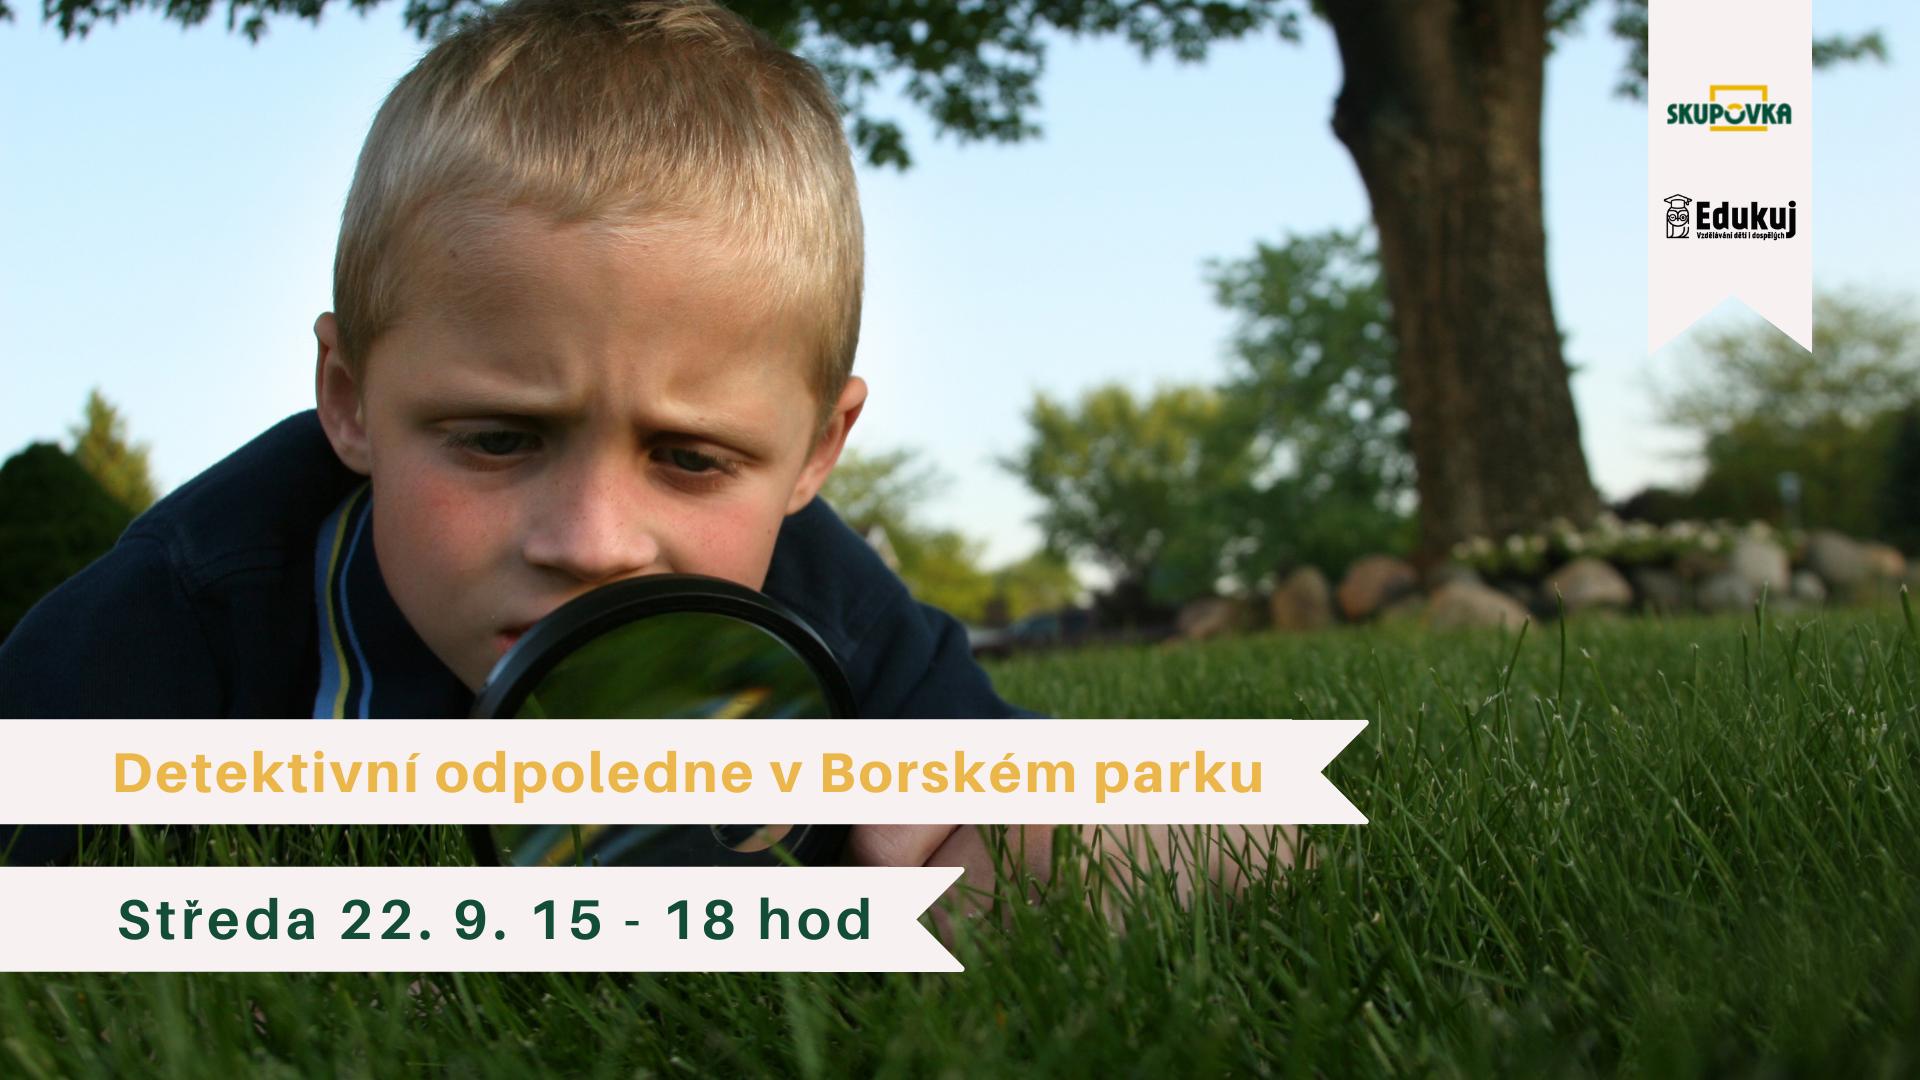 Detektivní odpoledne v Borském parku